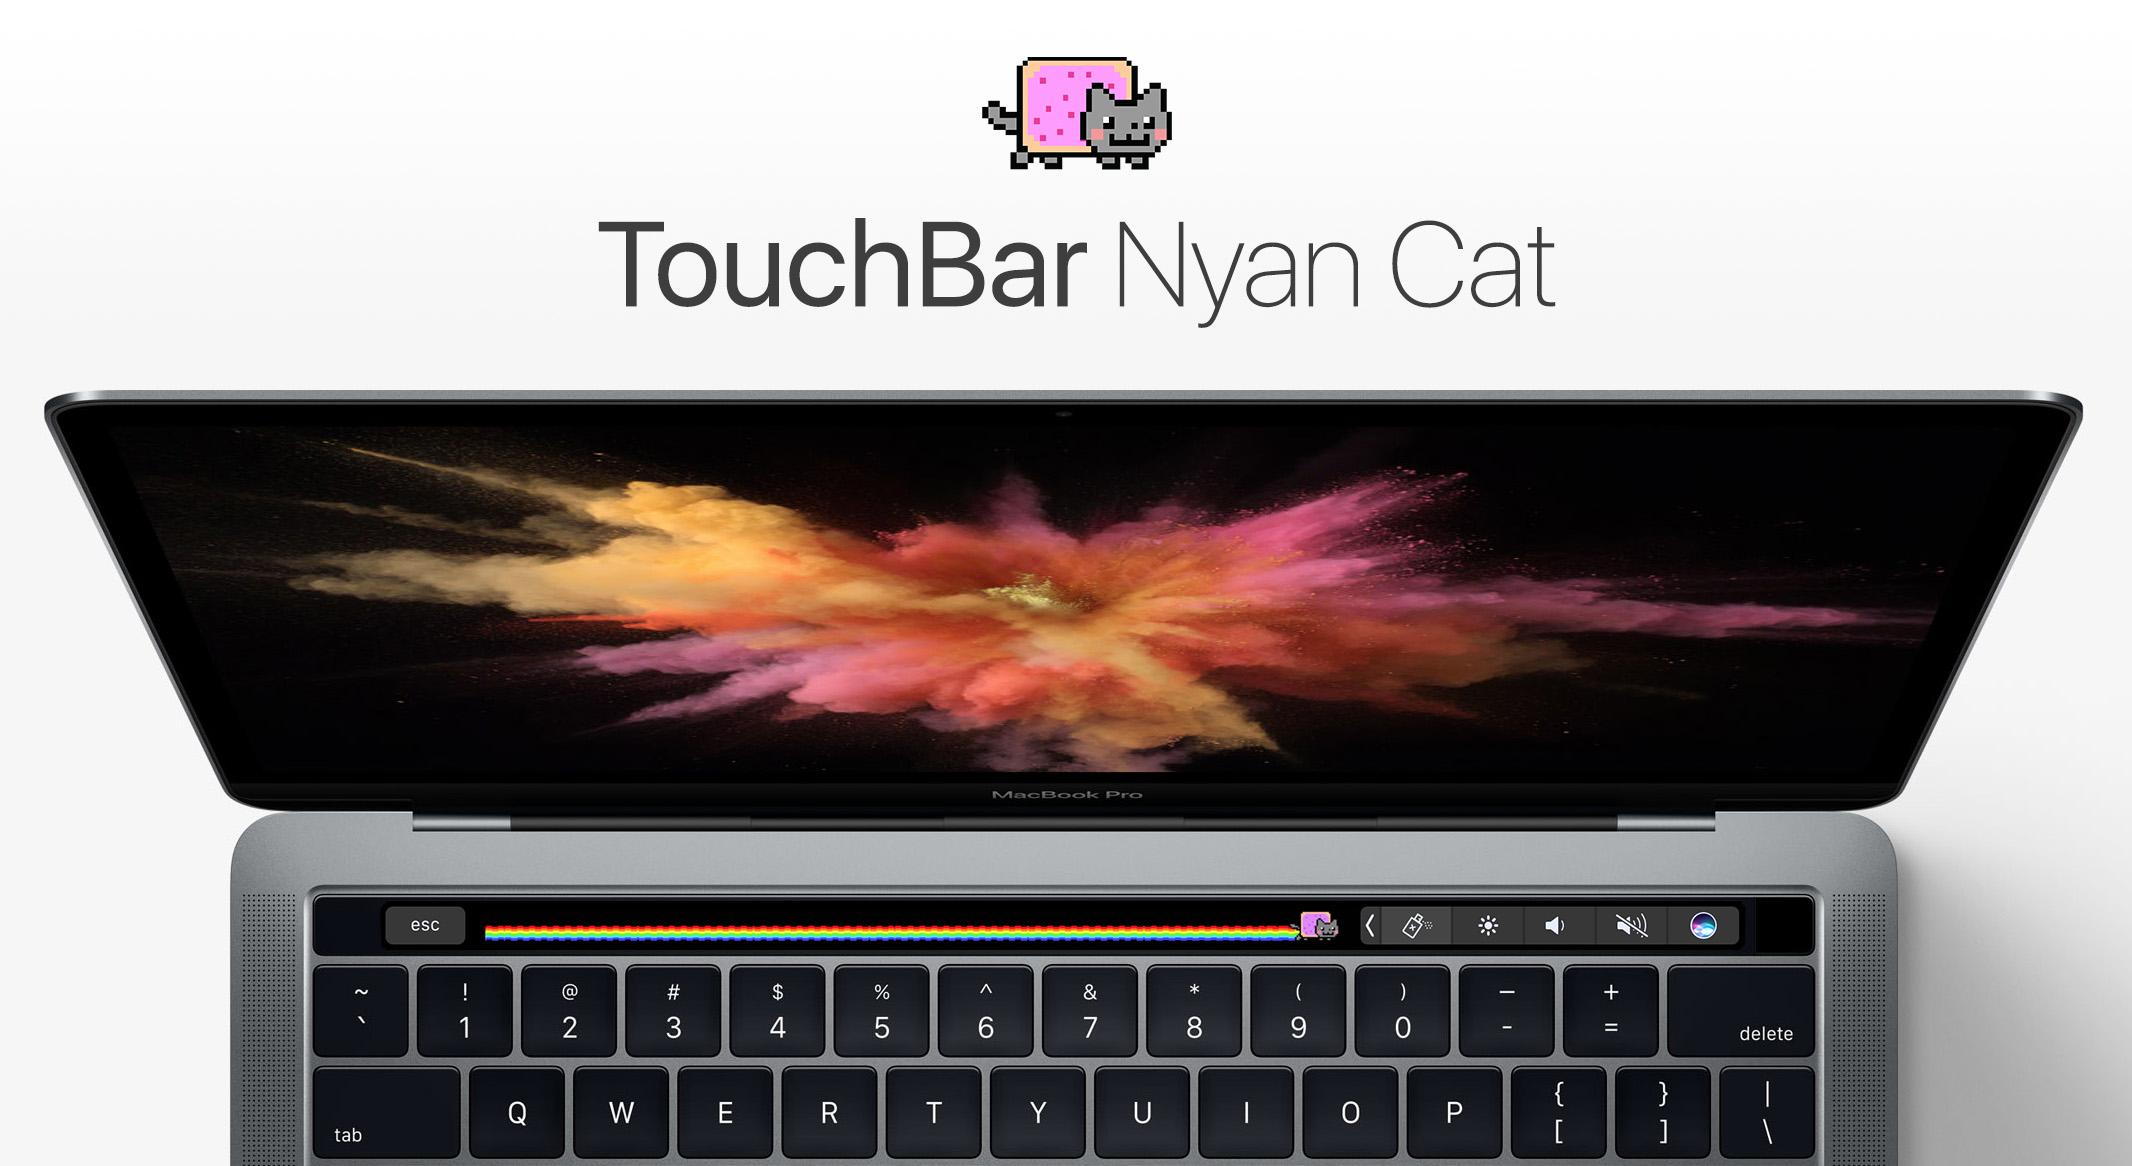 Touchbar Nyancat